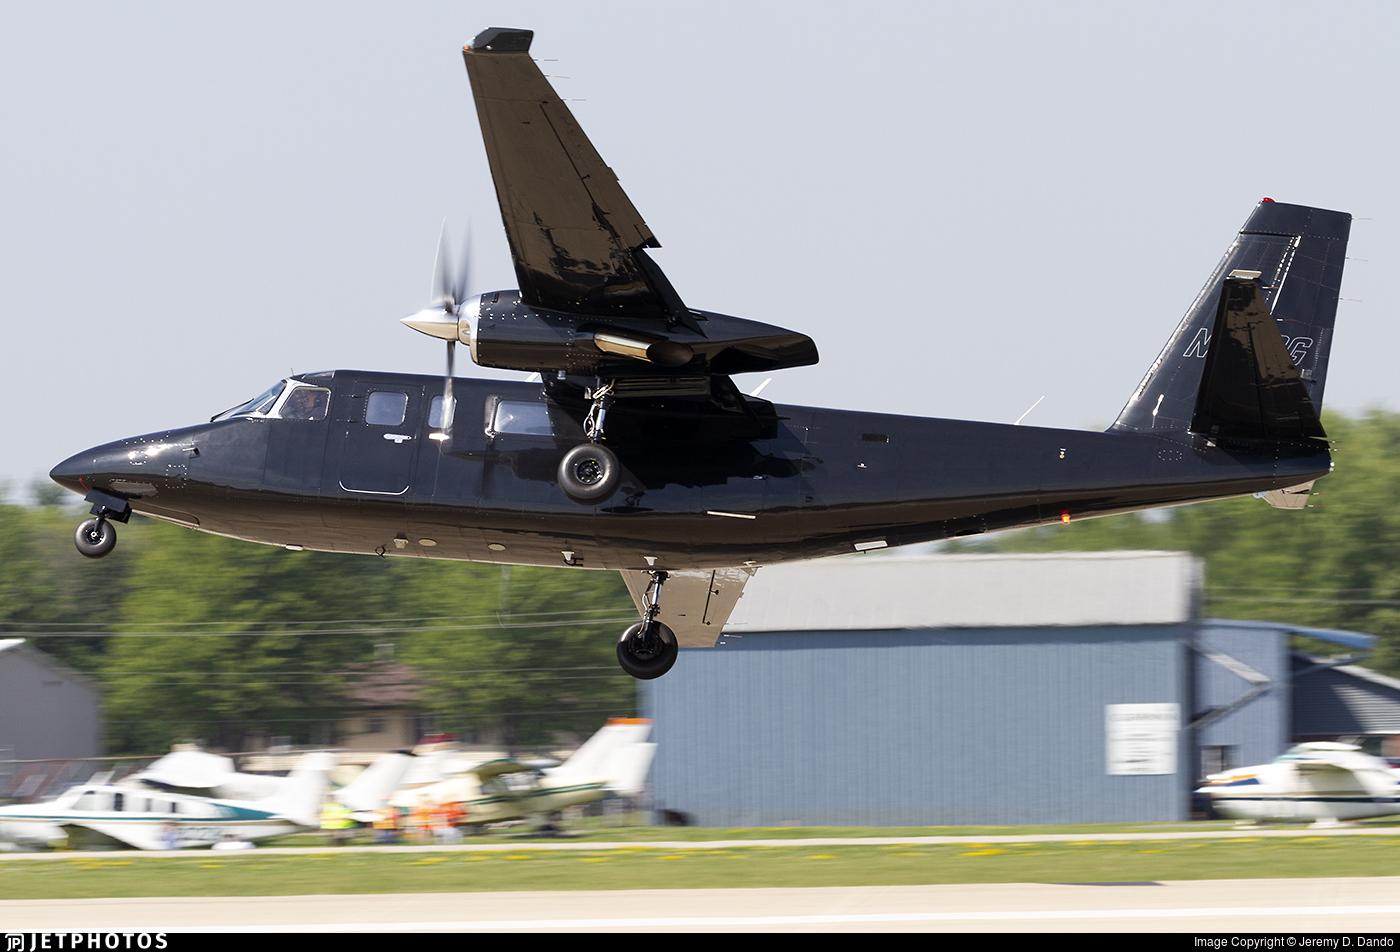 N880G - Rockwell 695 Jetprop 980 - Garlynson Airways